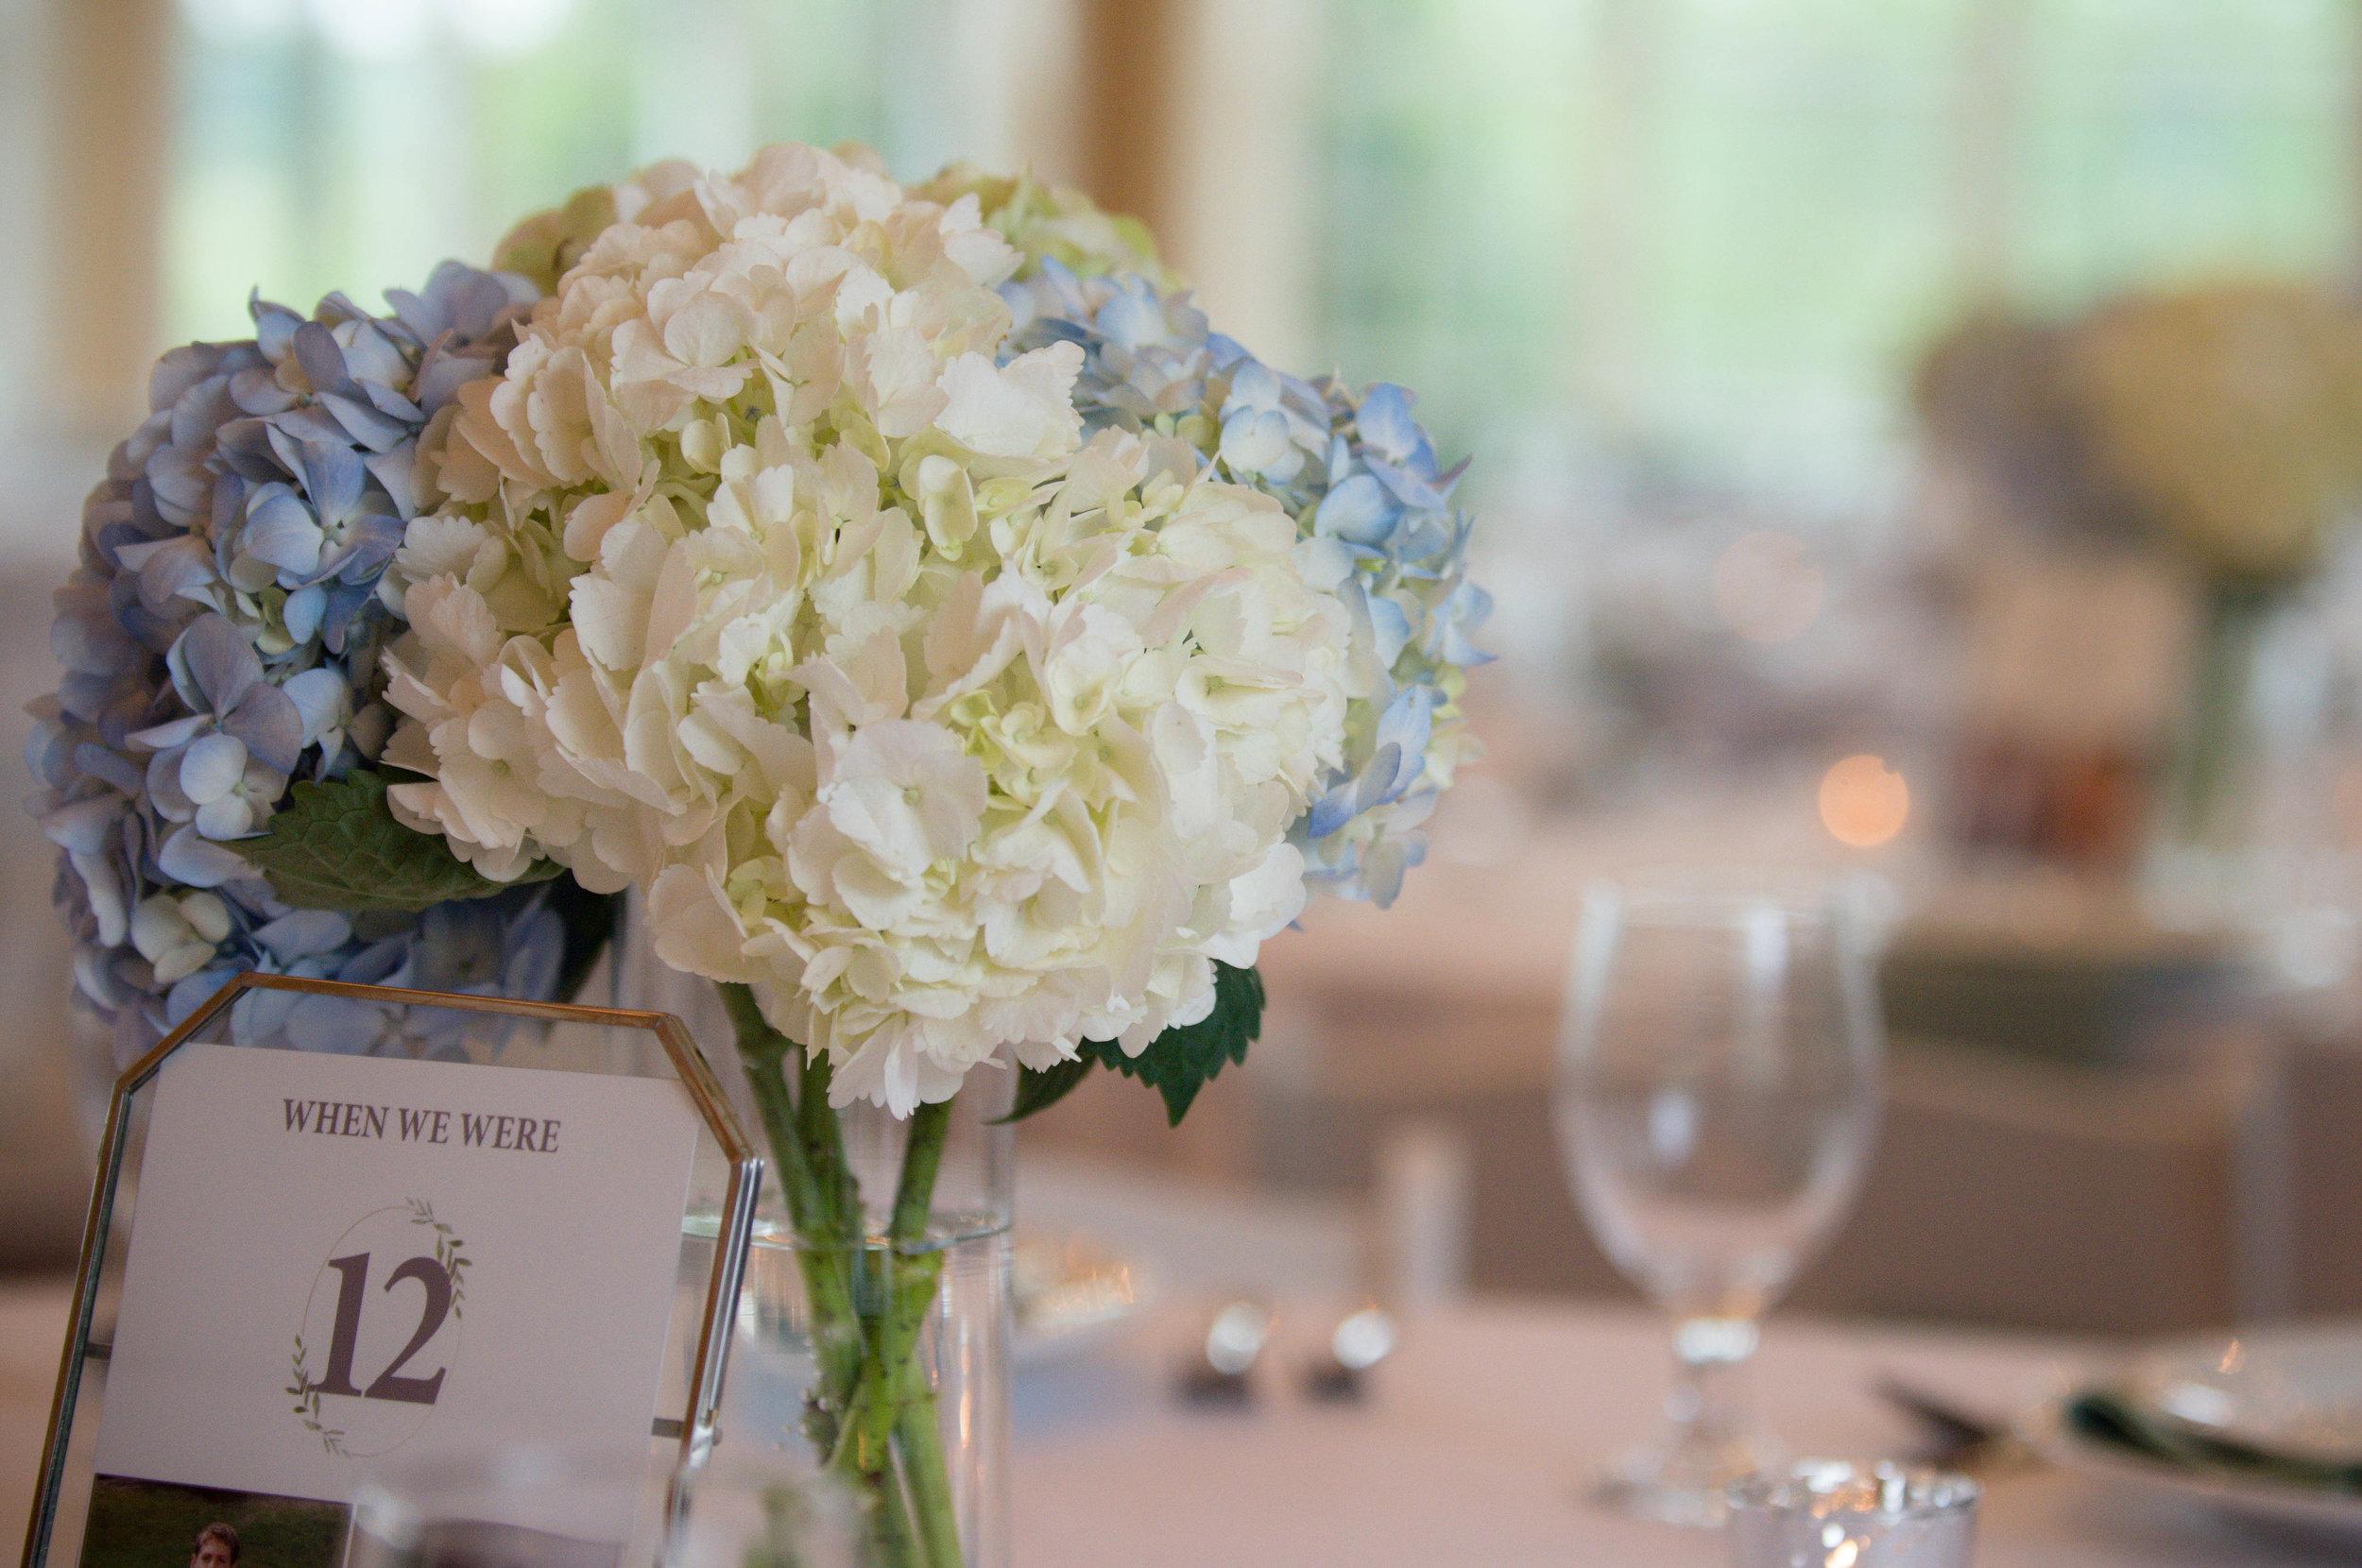 blue-ridge-wedding-ashley-nicole-photography-restoration-hall-crozetphotography-restorationhall-charlottesville-wedding_details-33.jpg